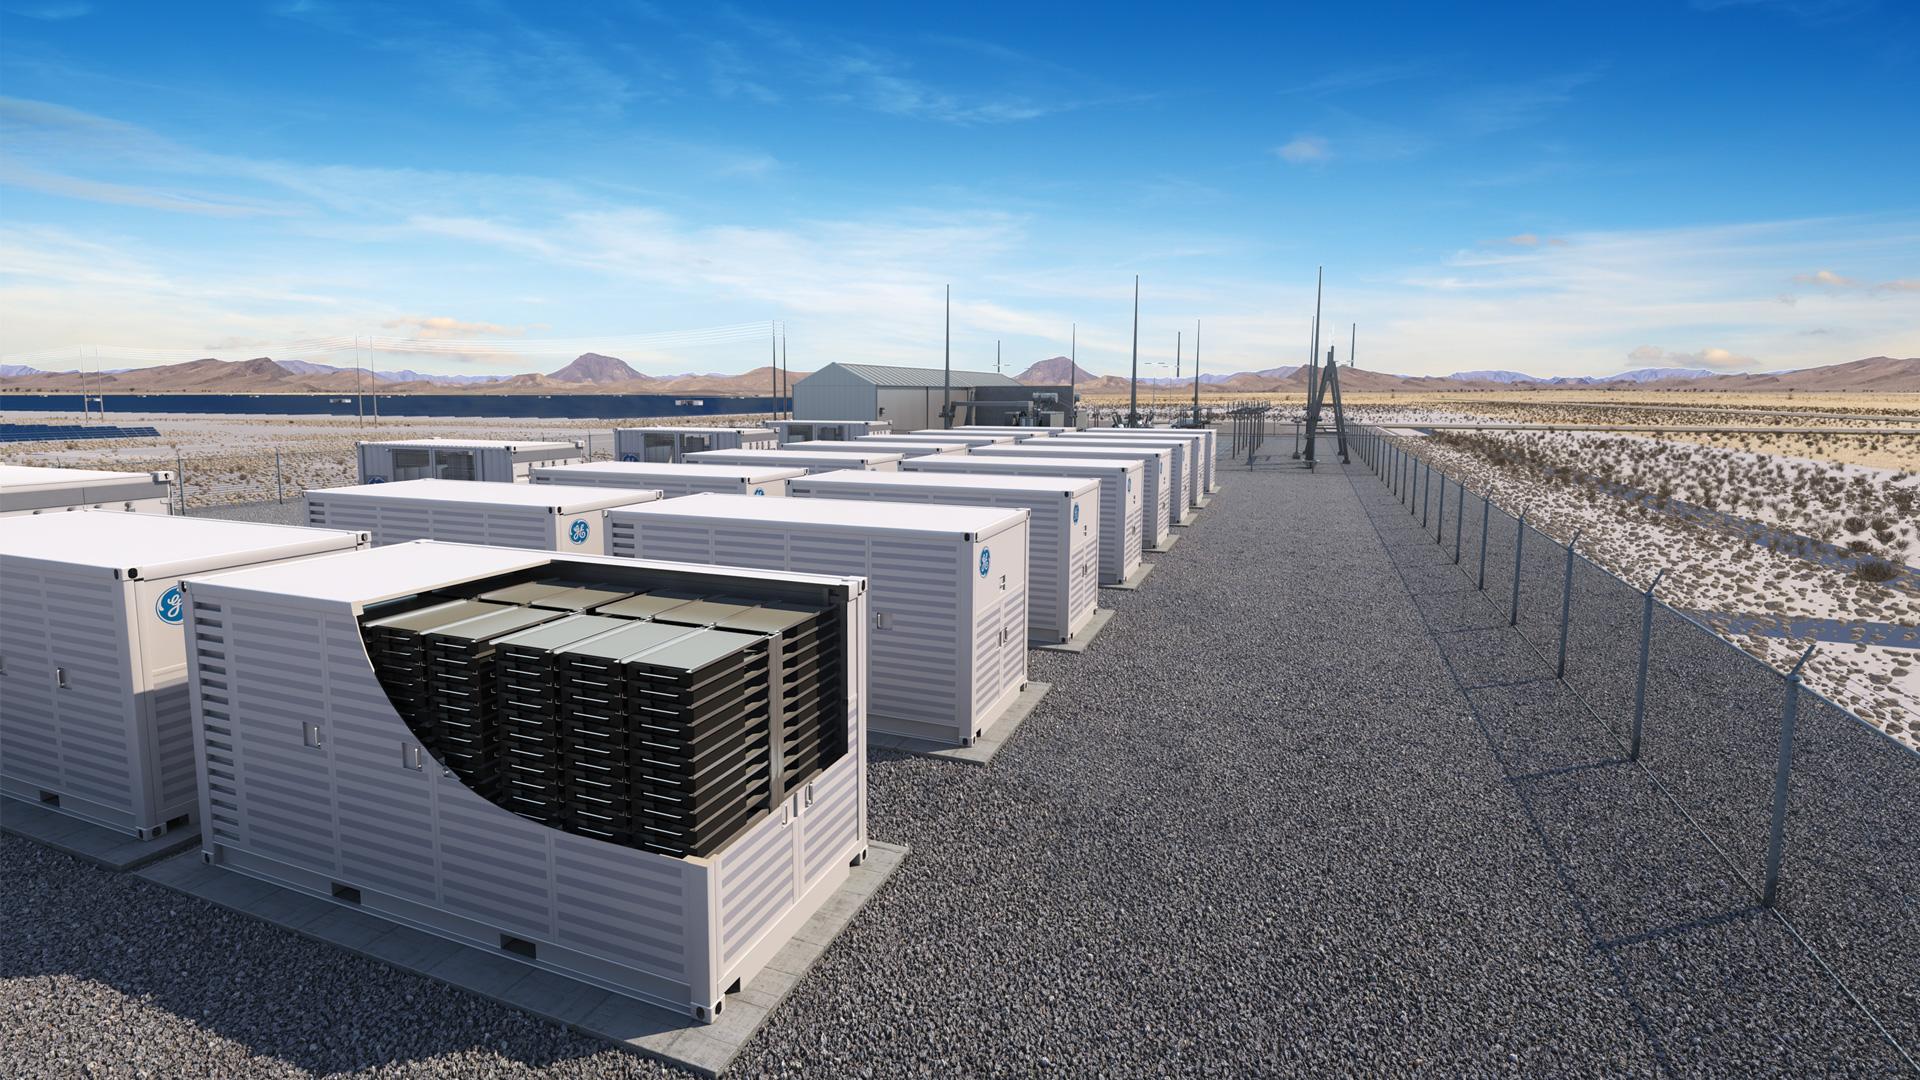 ge 新たな電力貯蔵プラットフォーム レザボア を発表 ge reports